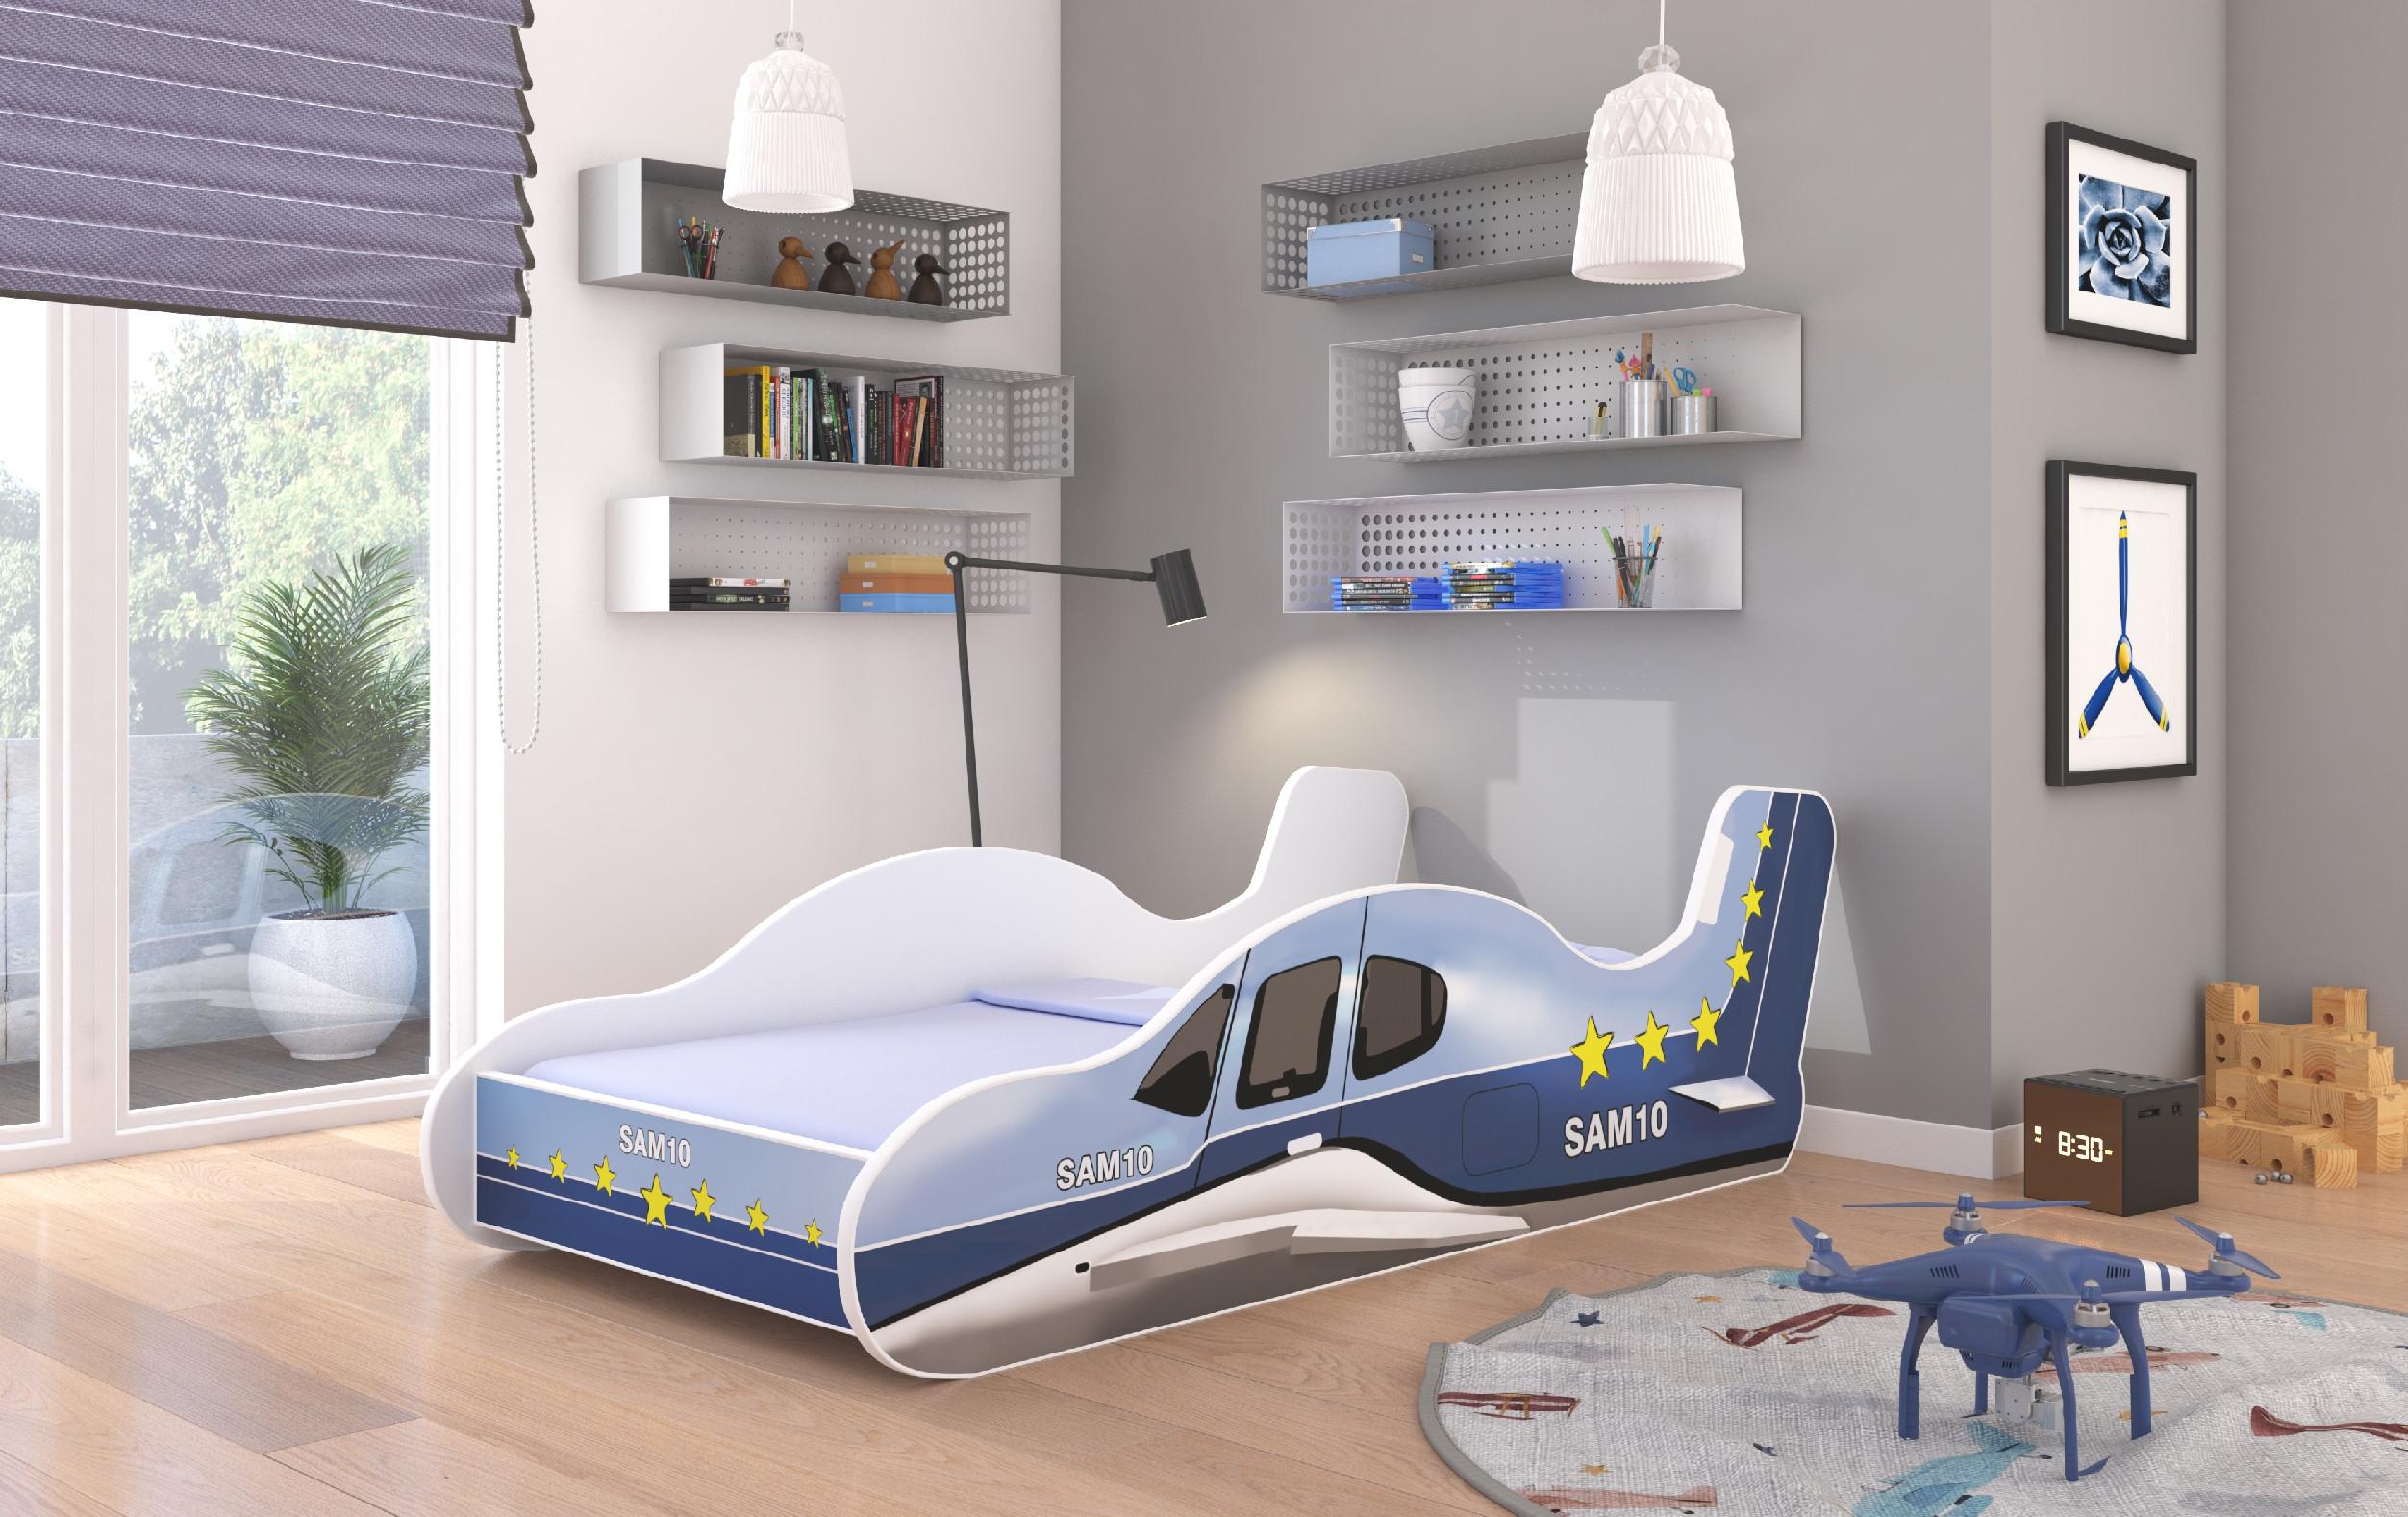 ArtAdr Detská posteľ PLANE Farba: Modrá, Prevedenie: 70 x 140 cm